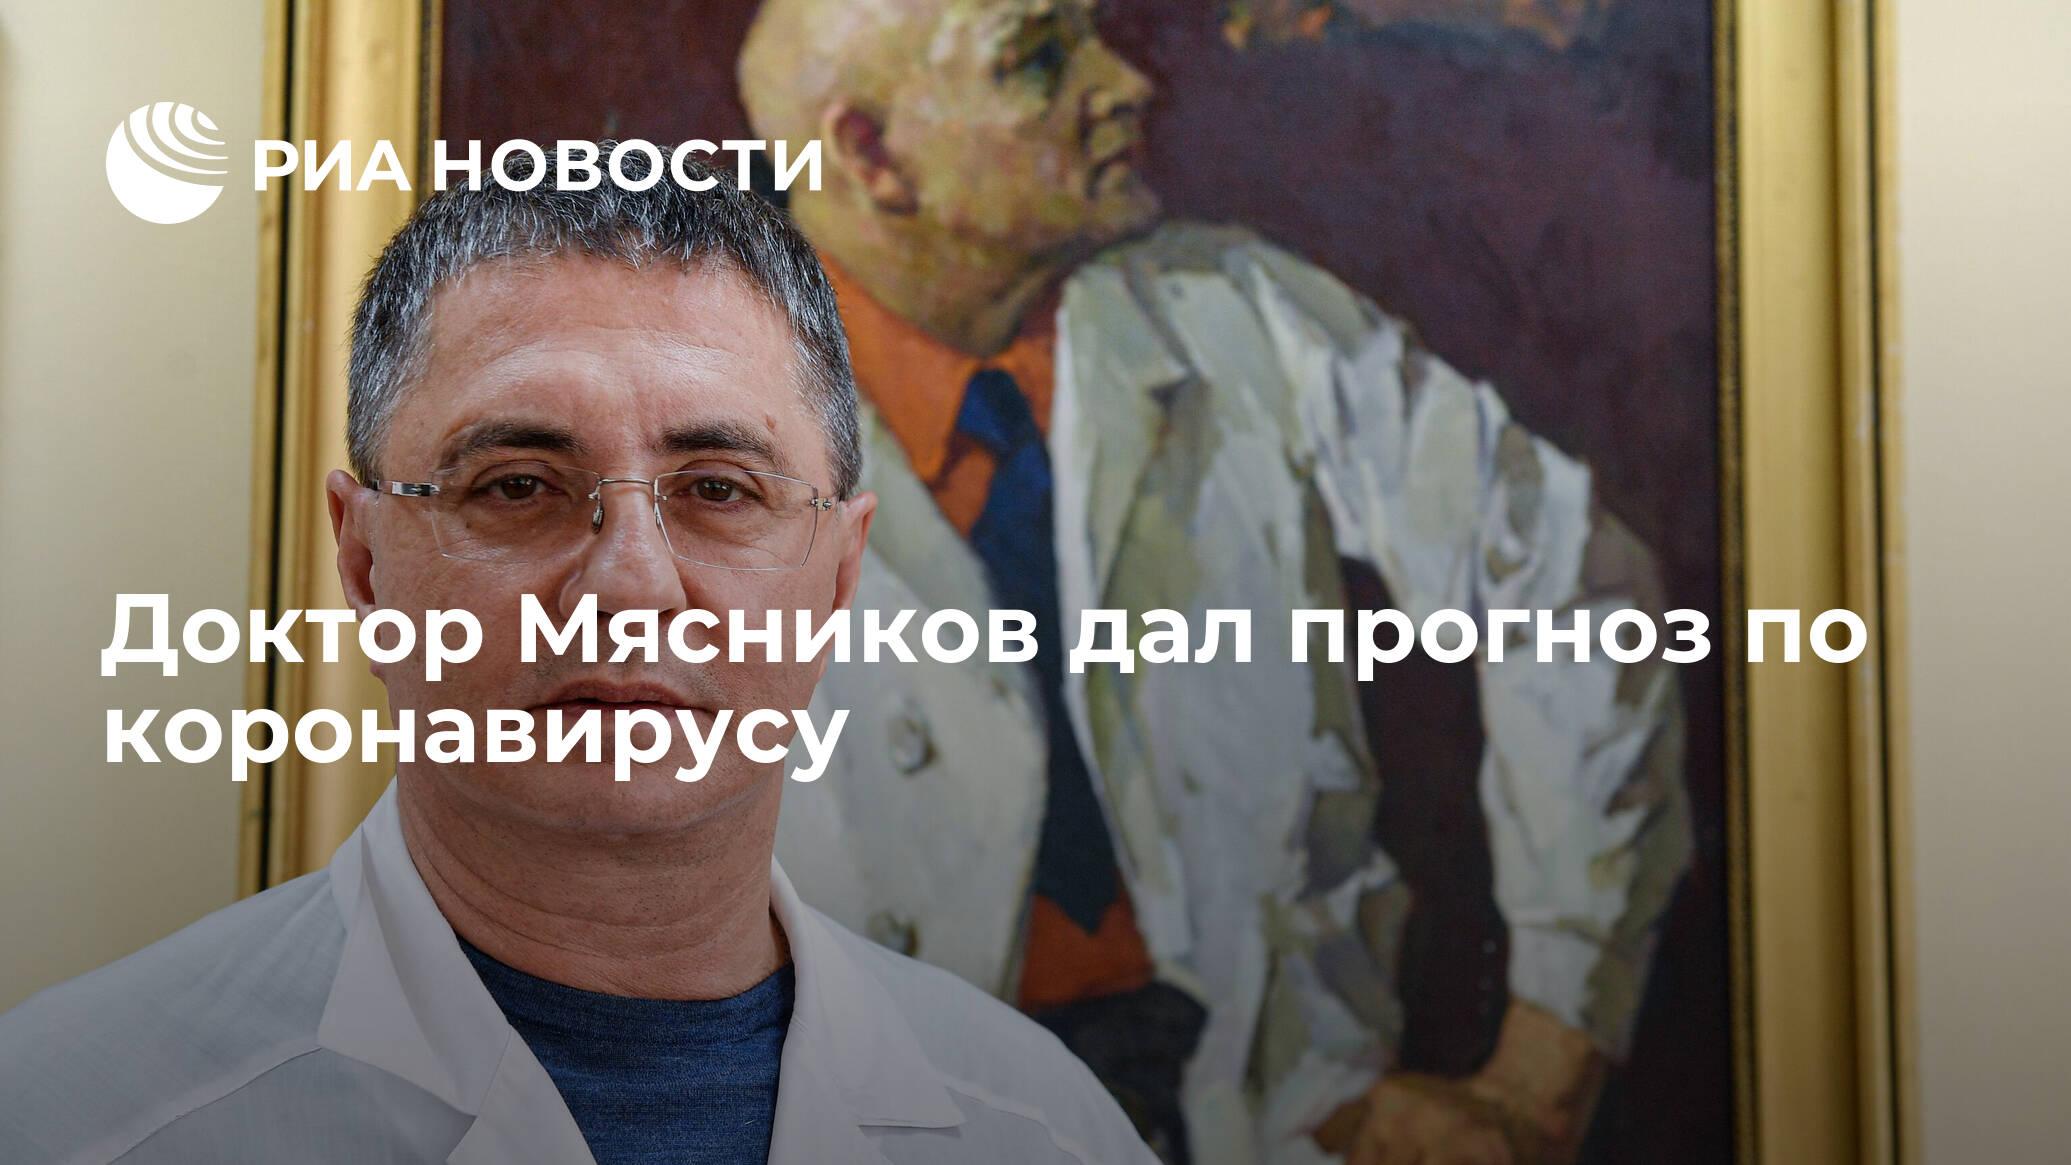 Доктор Мясников дал прогноз по коронавирусу Лента новостей